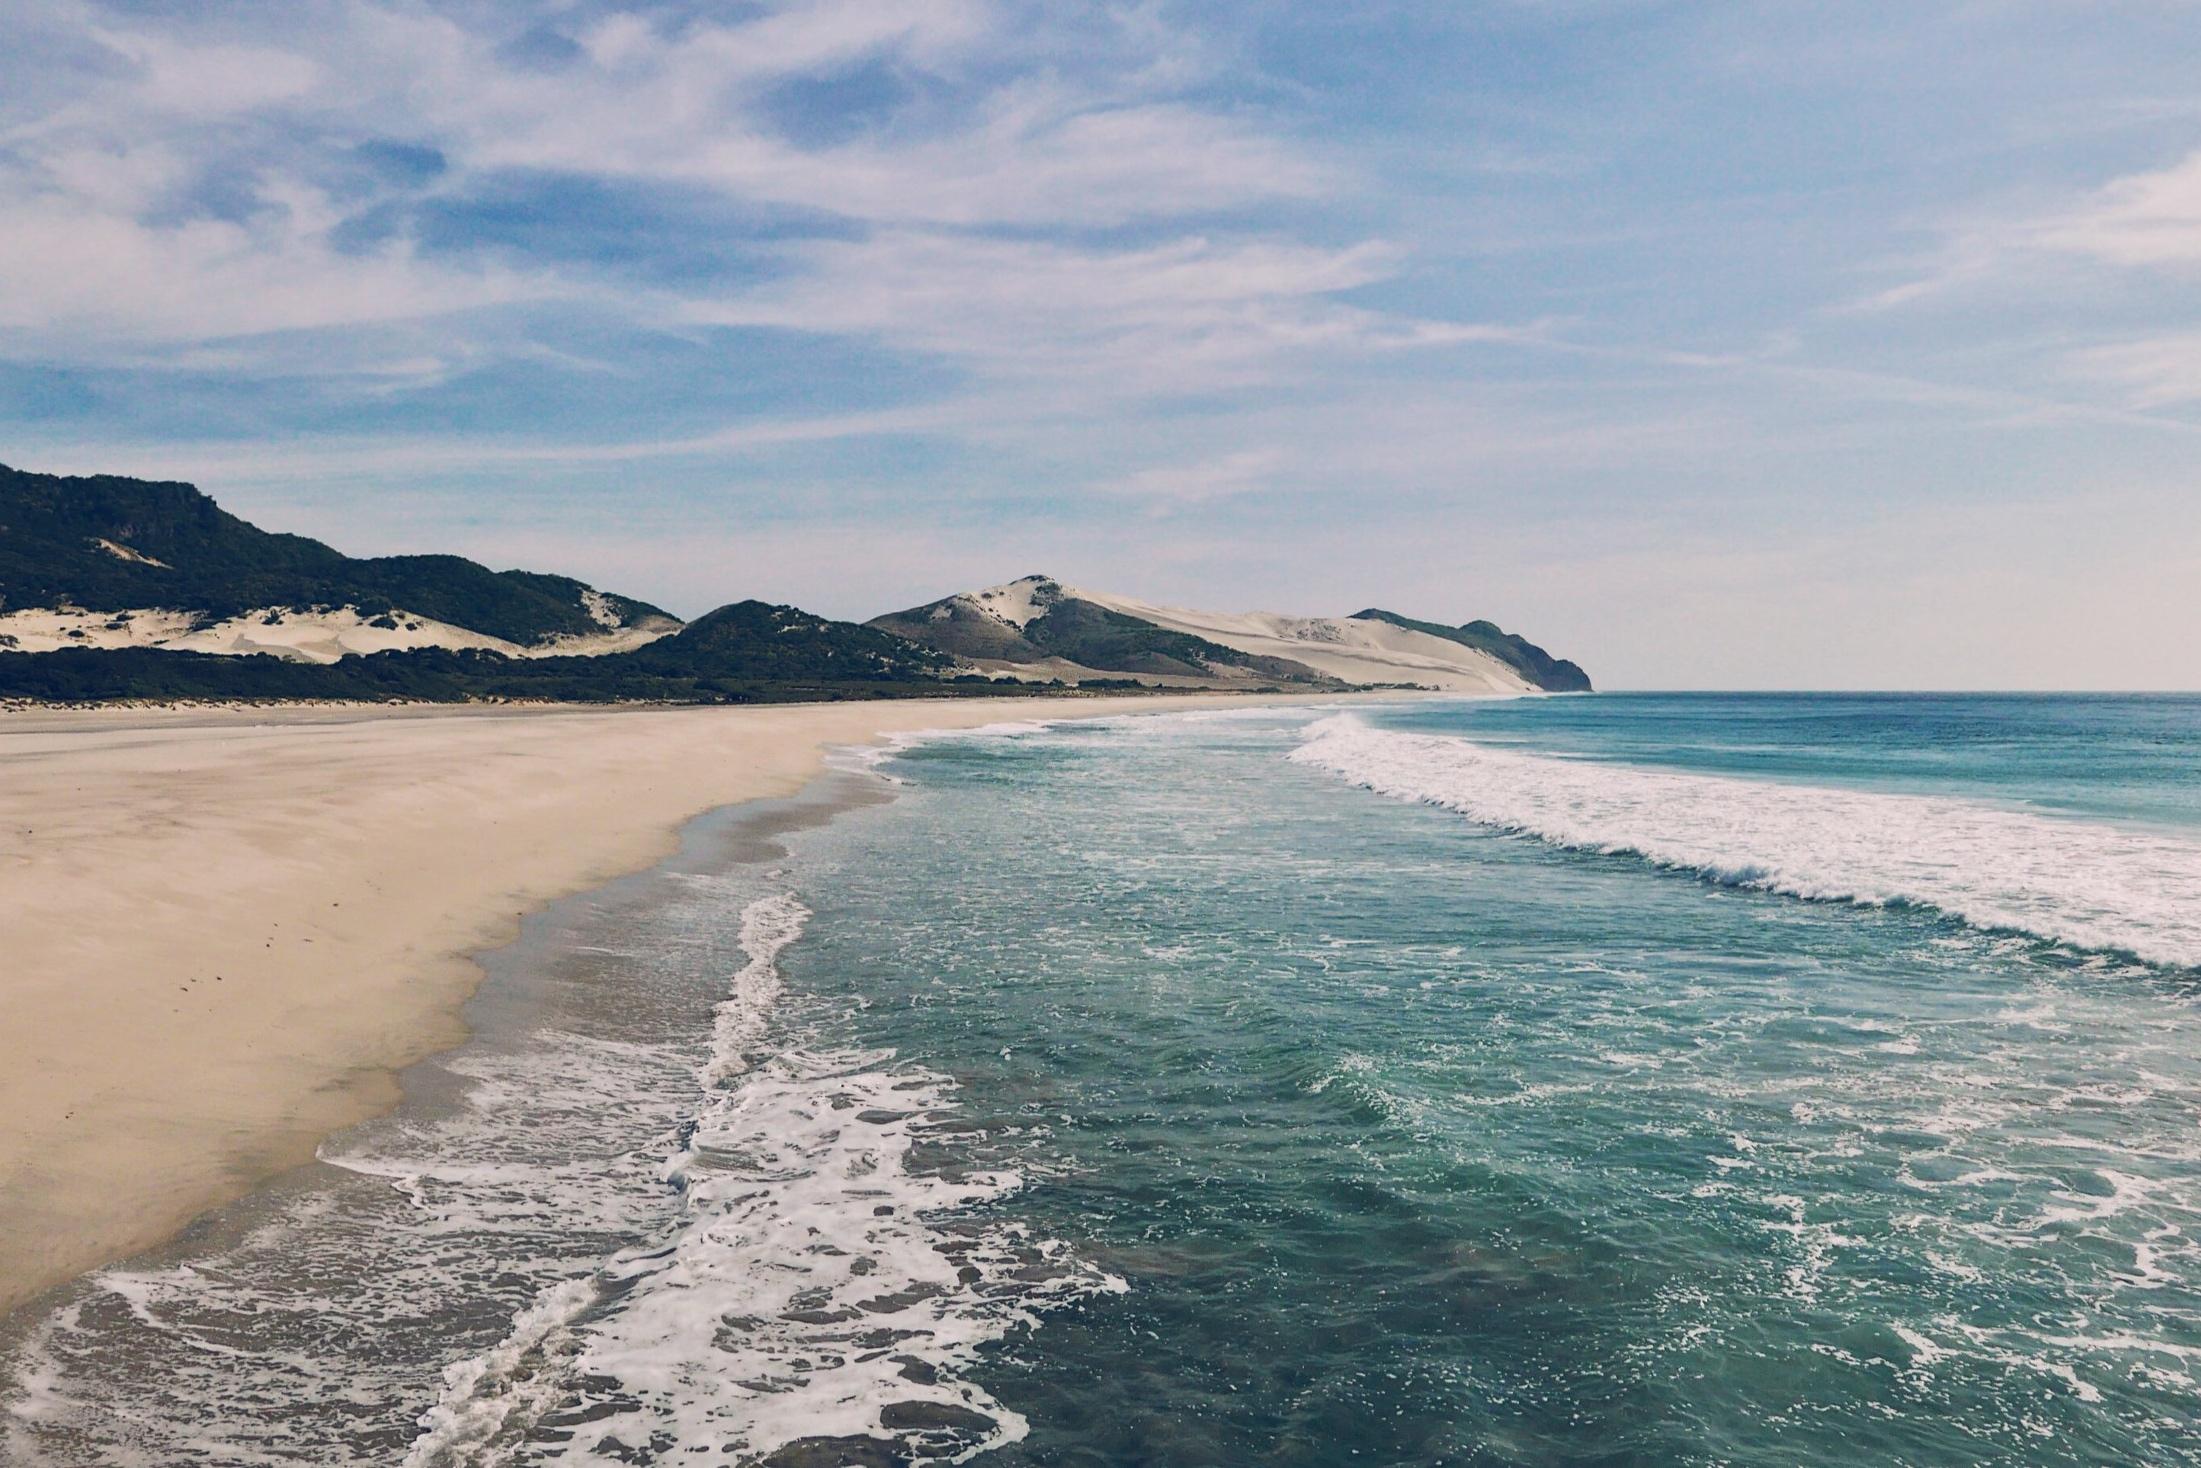 Playa Bamba: A deserted surfers paradise